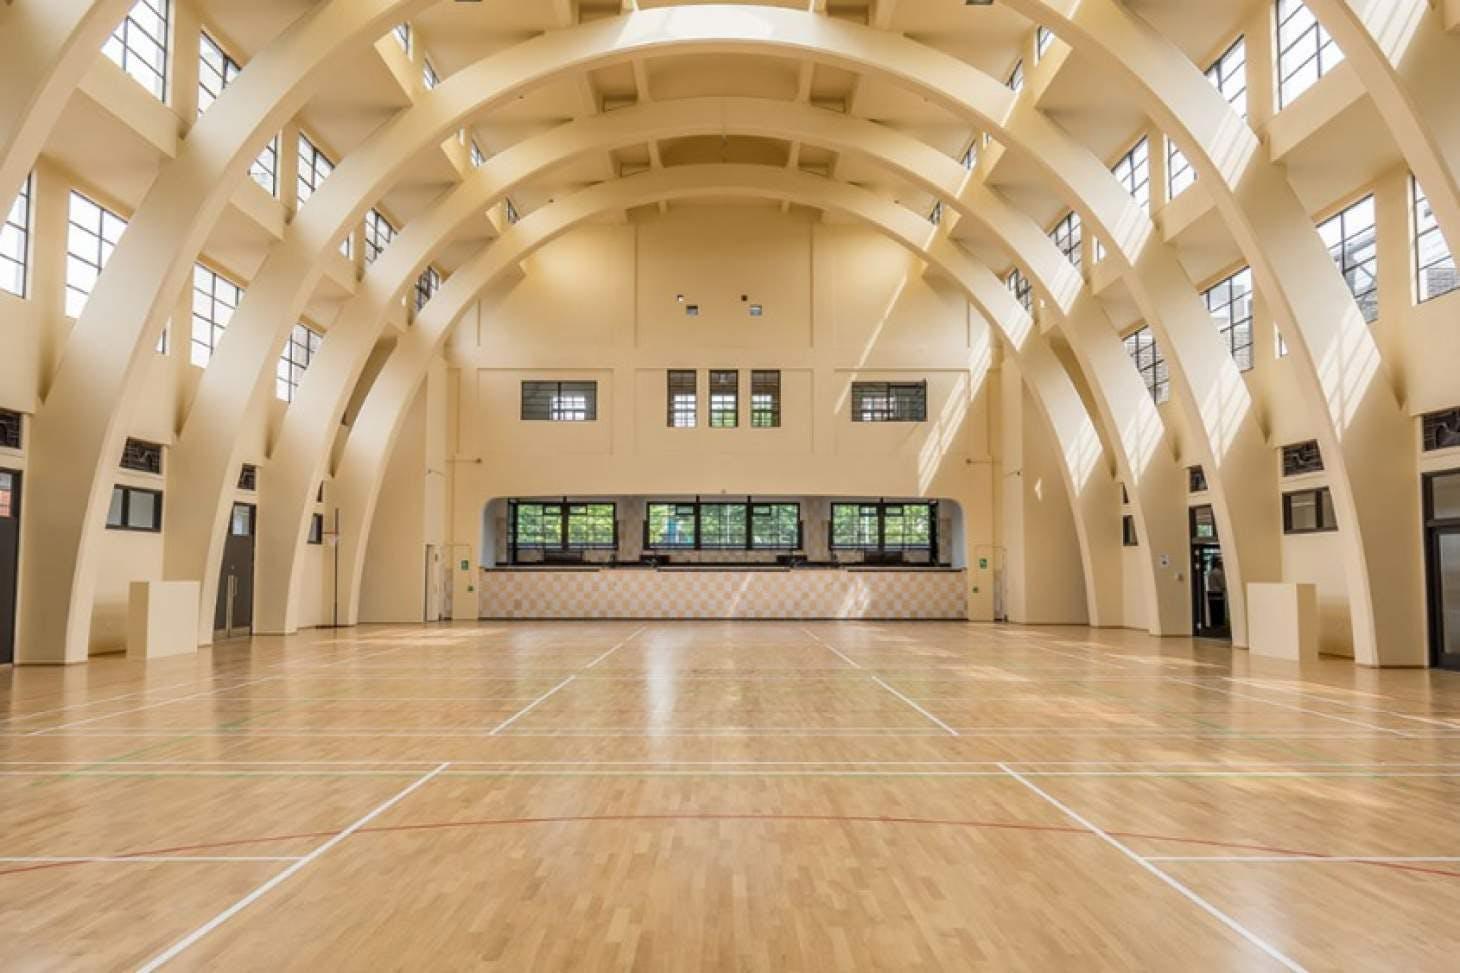 Poplar Baths Leisure Centre Table | Hard table tennis table